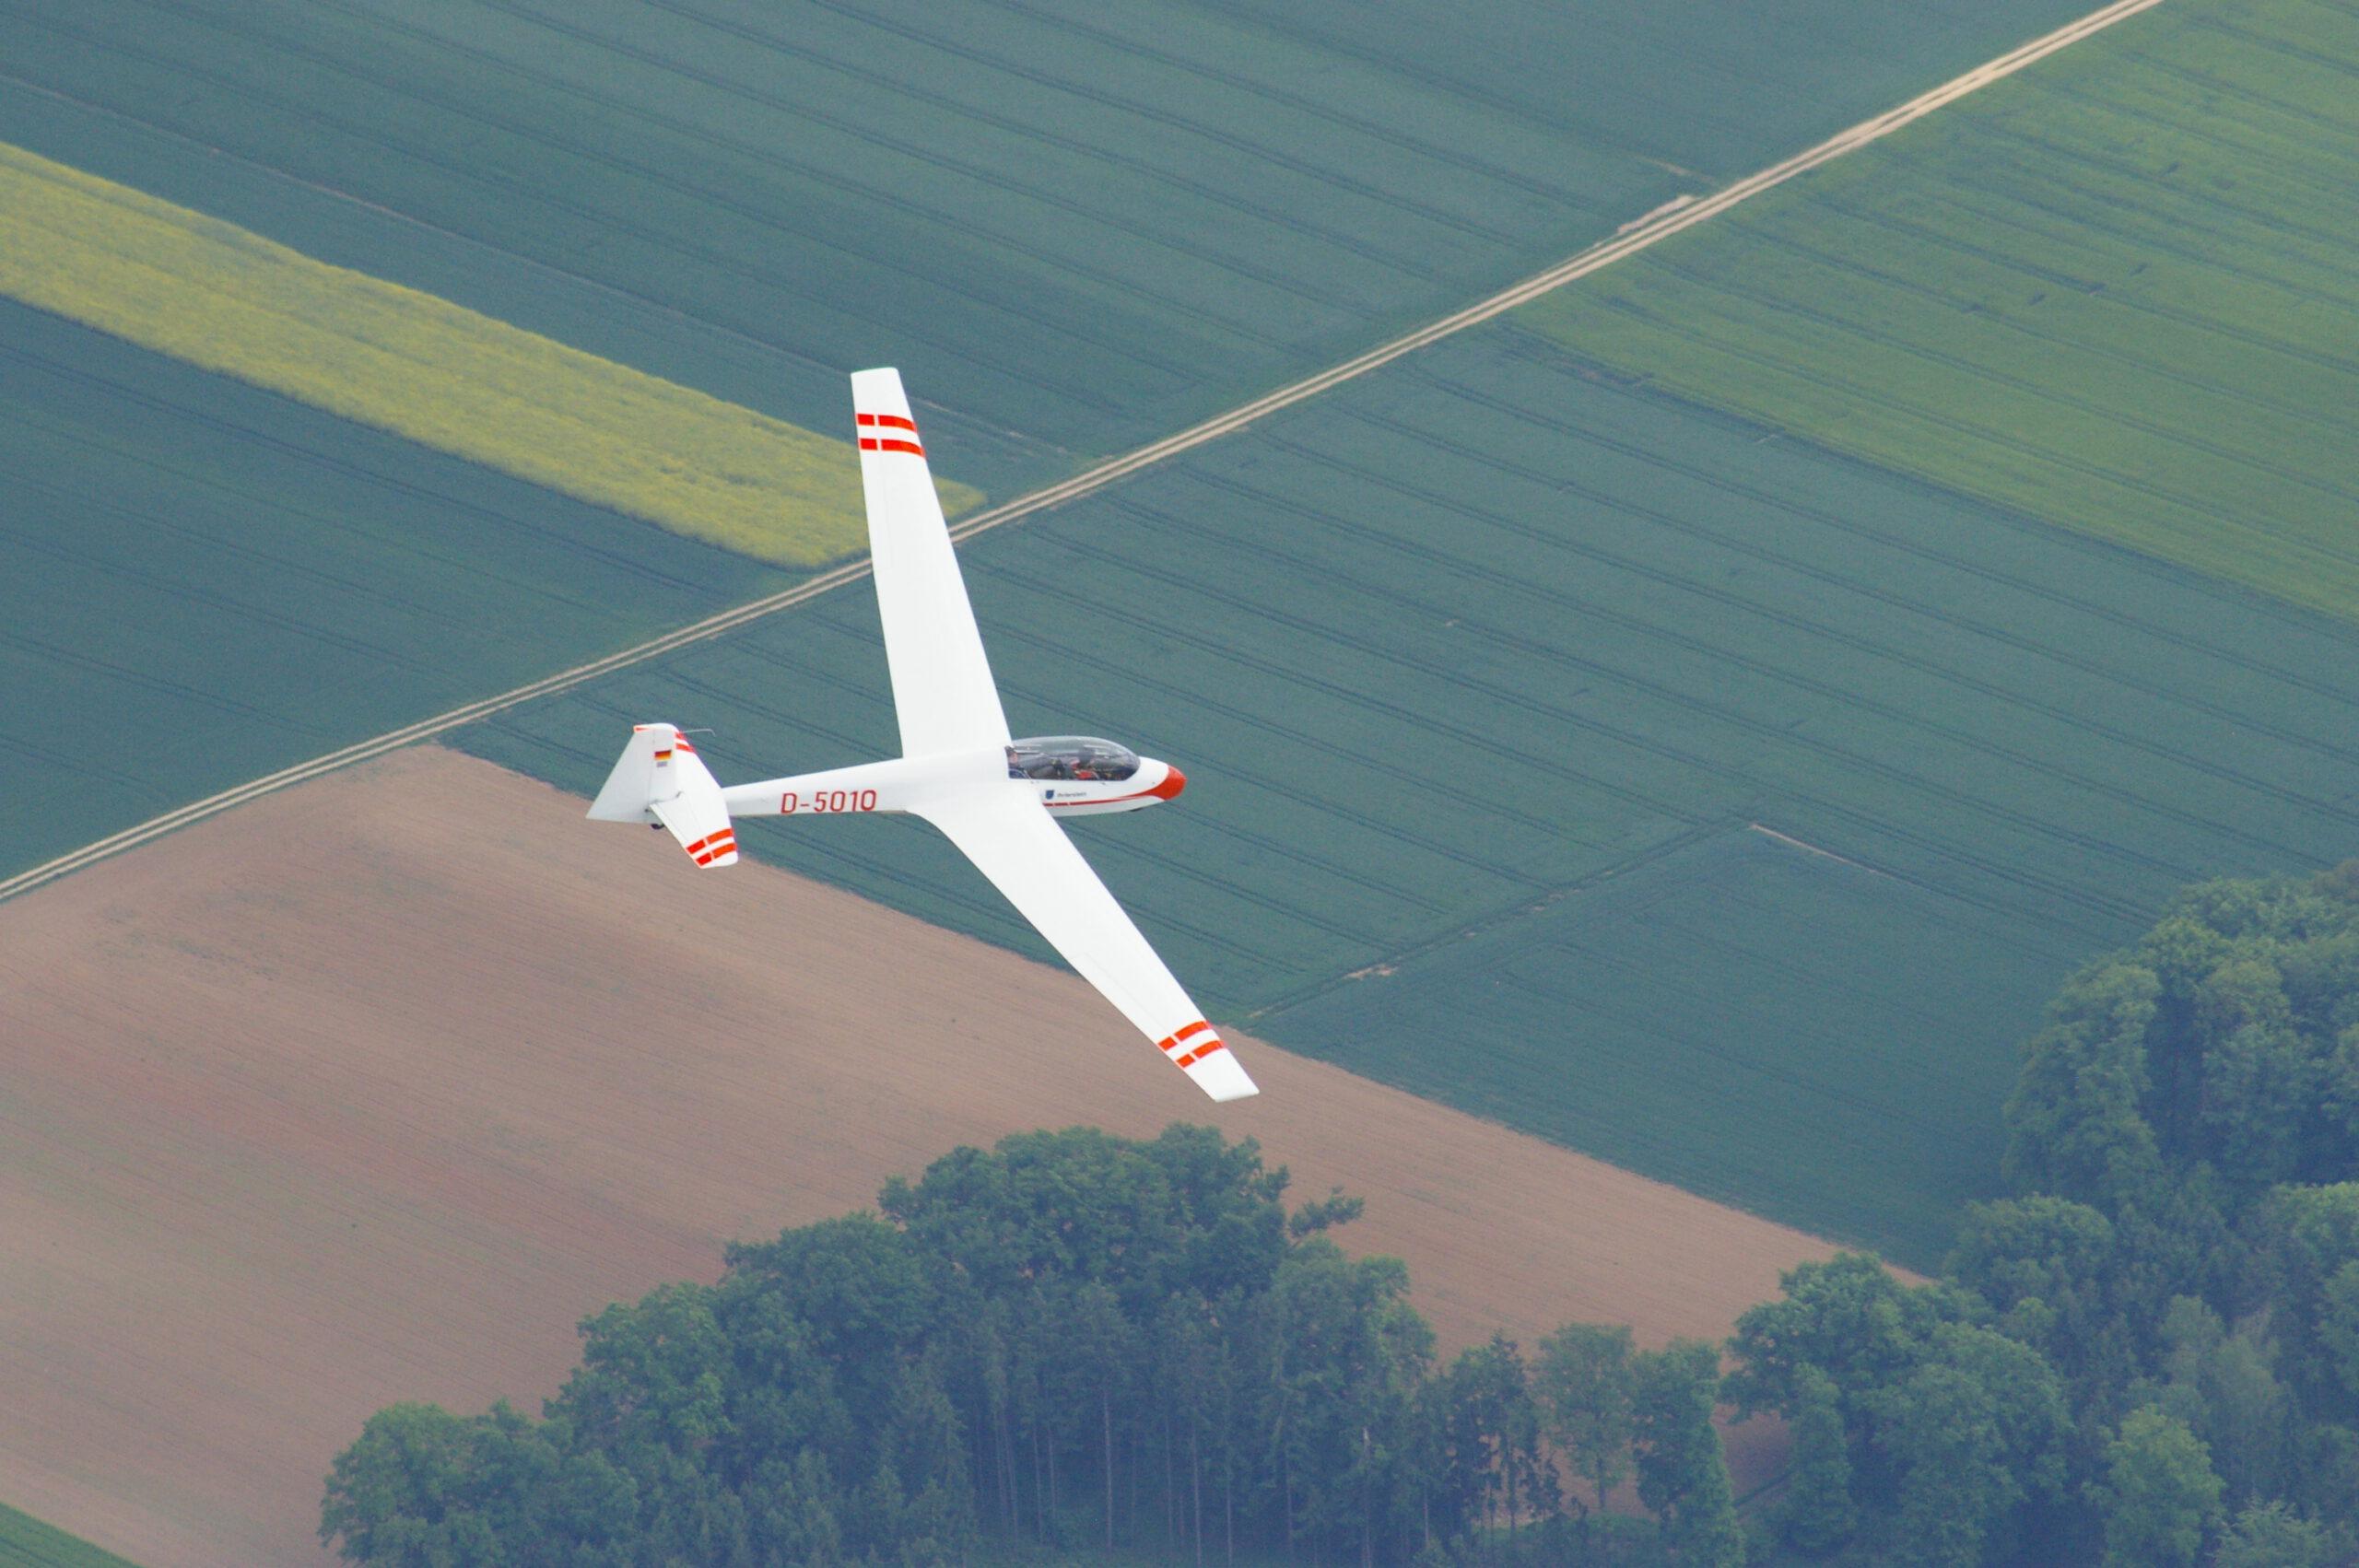 Das neue Schulungsflugzeug - eine ASK13